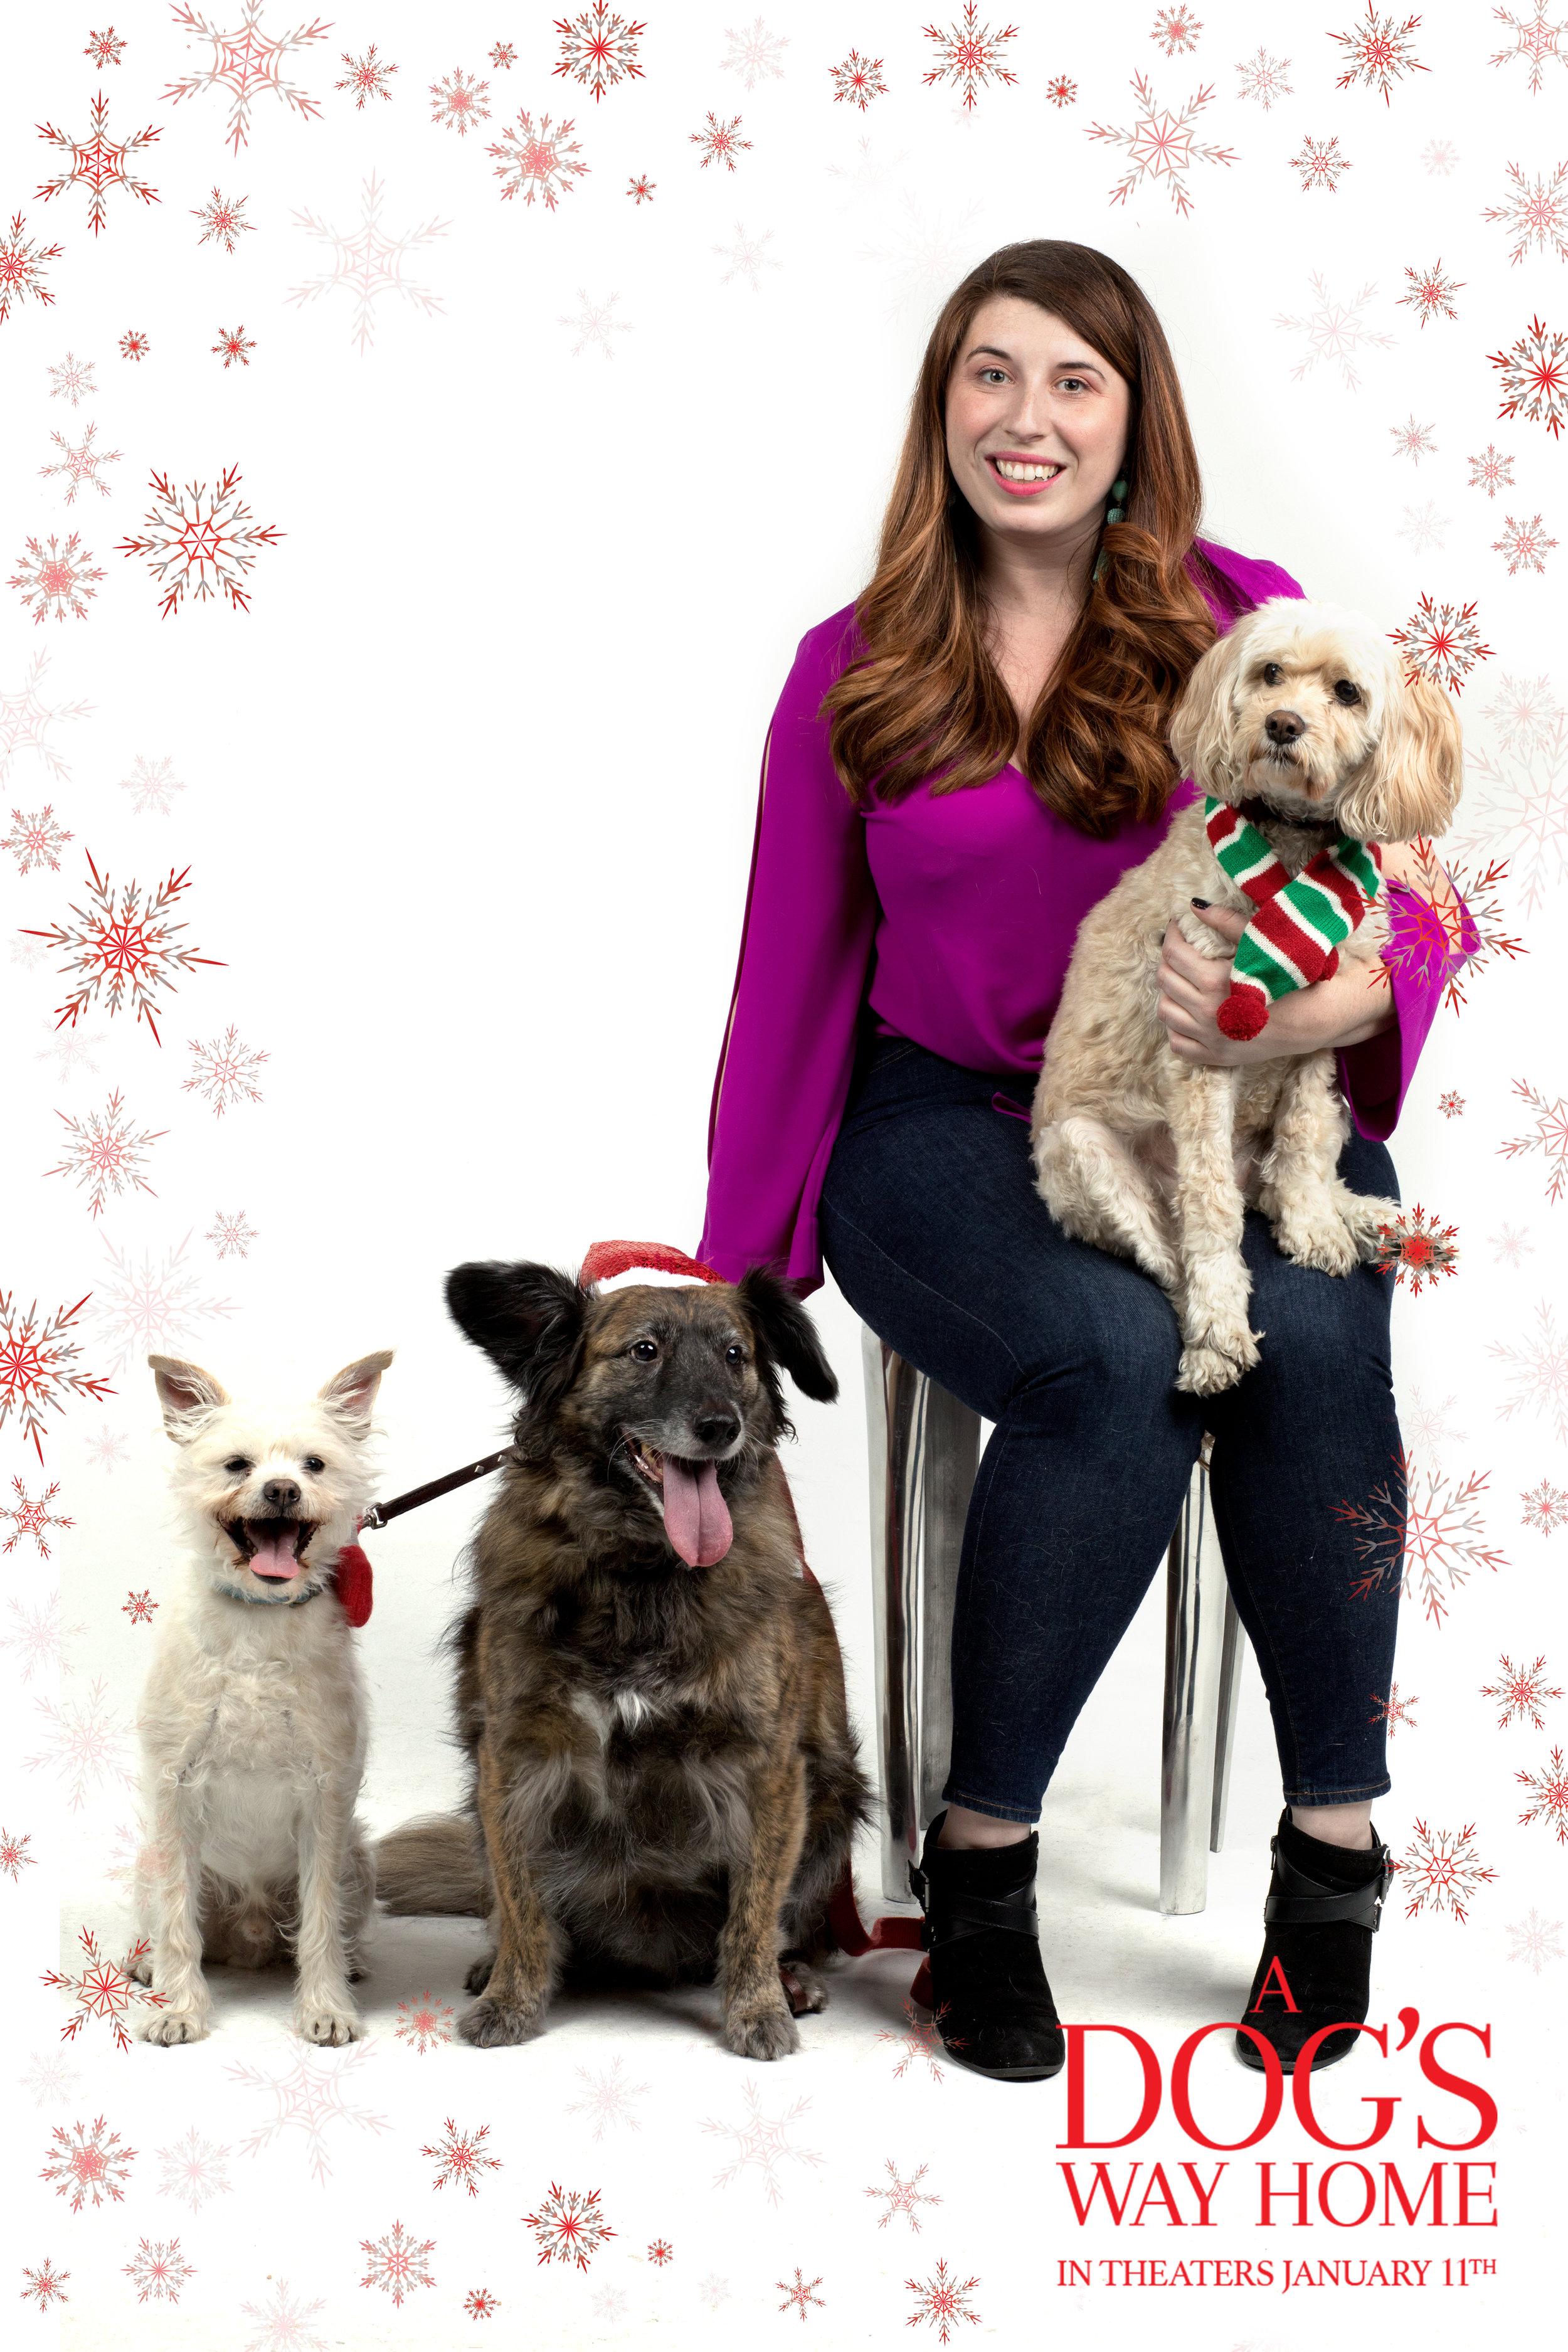 A Dogs Way_Popsugar_Danielle_Spires-1089.jpg